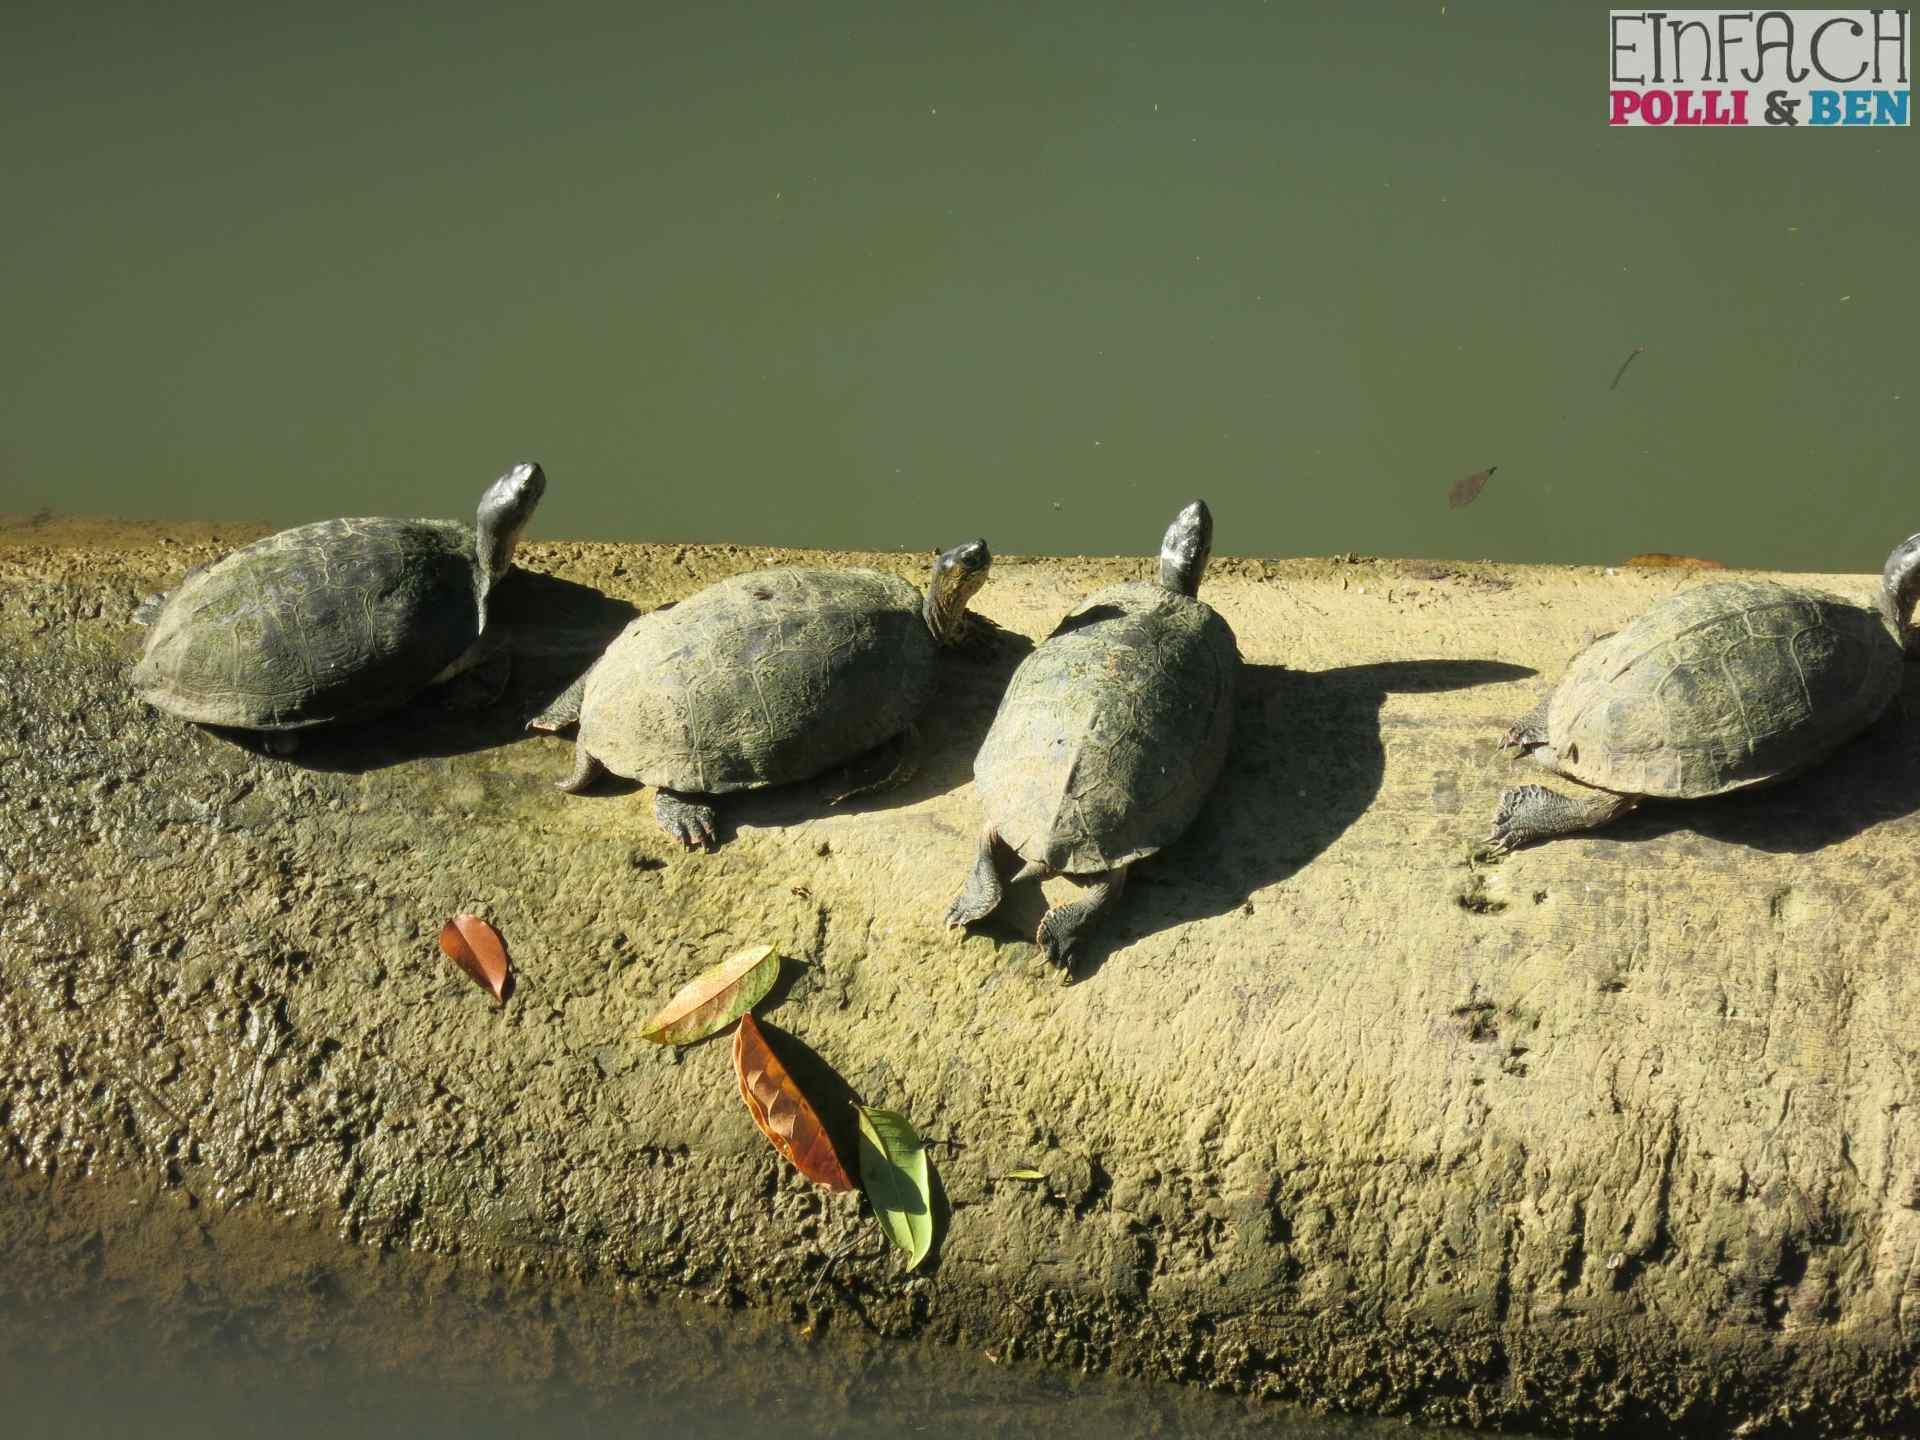 Hochzeitstag Ben und Polli in Costa Rica Schildkröten Sonne